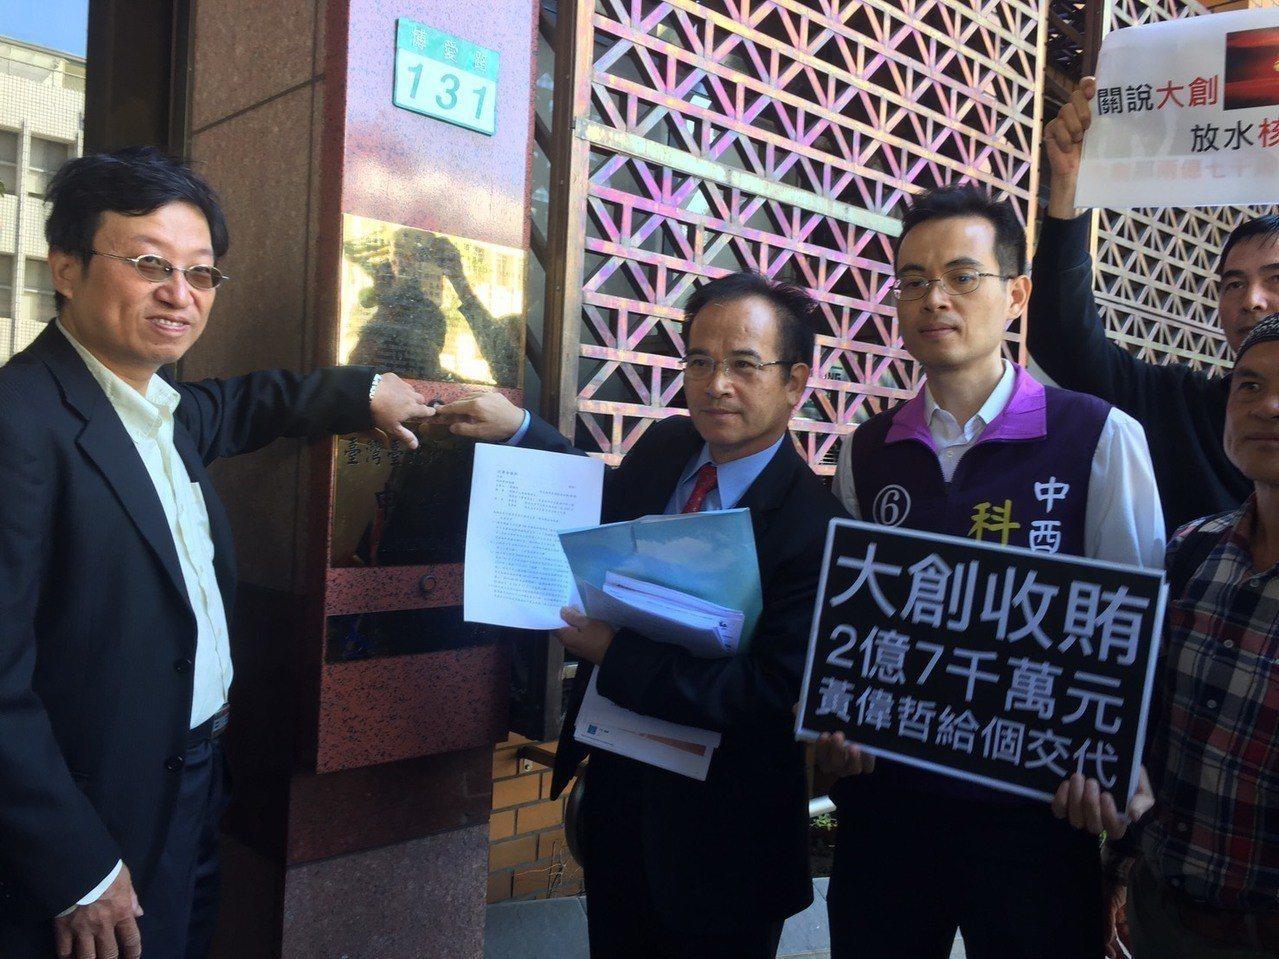 無黨籍台南市長候選人蘇煥智今赴台北地檢署告發黃偉哲、黃偉哲前辦公室主任曾碧珠、經...